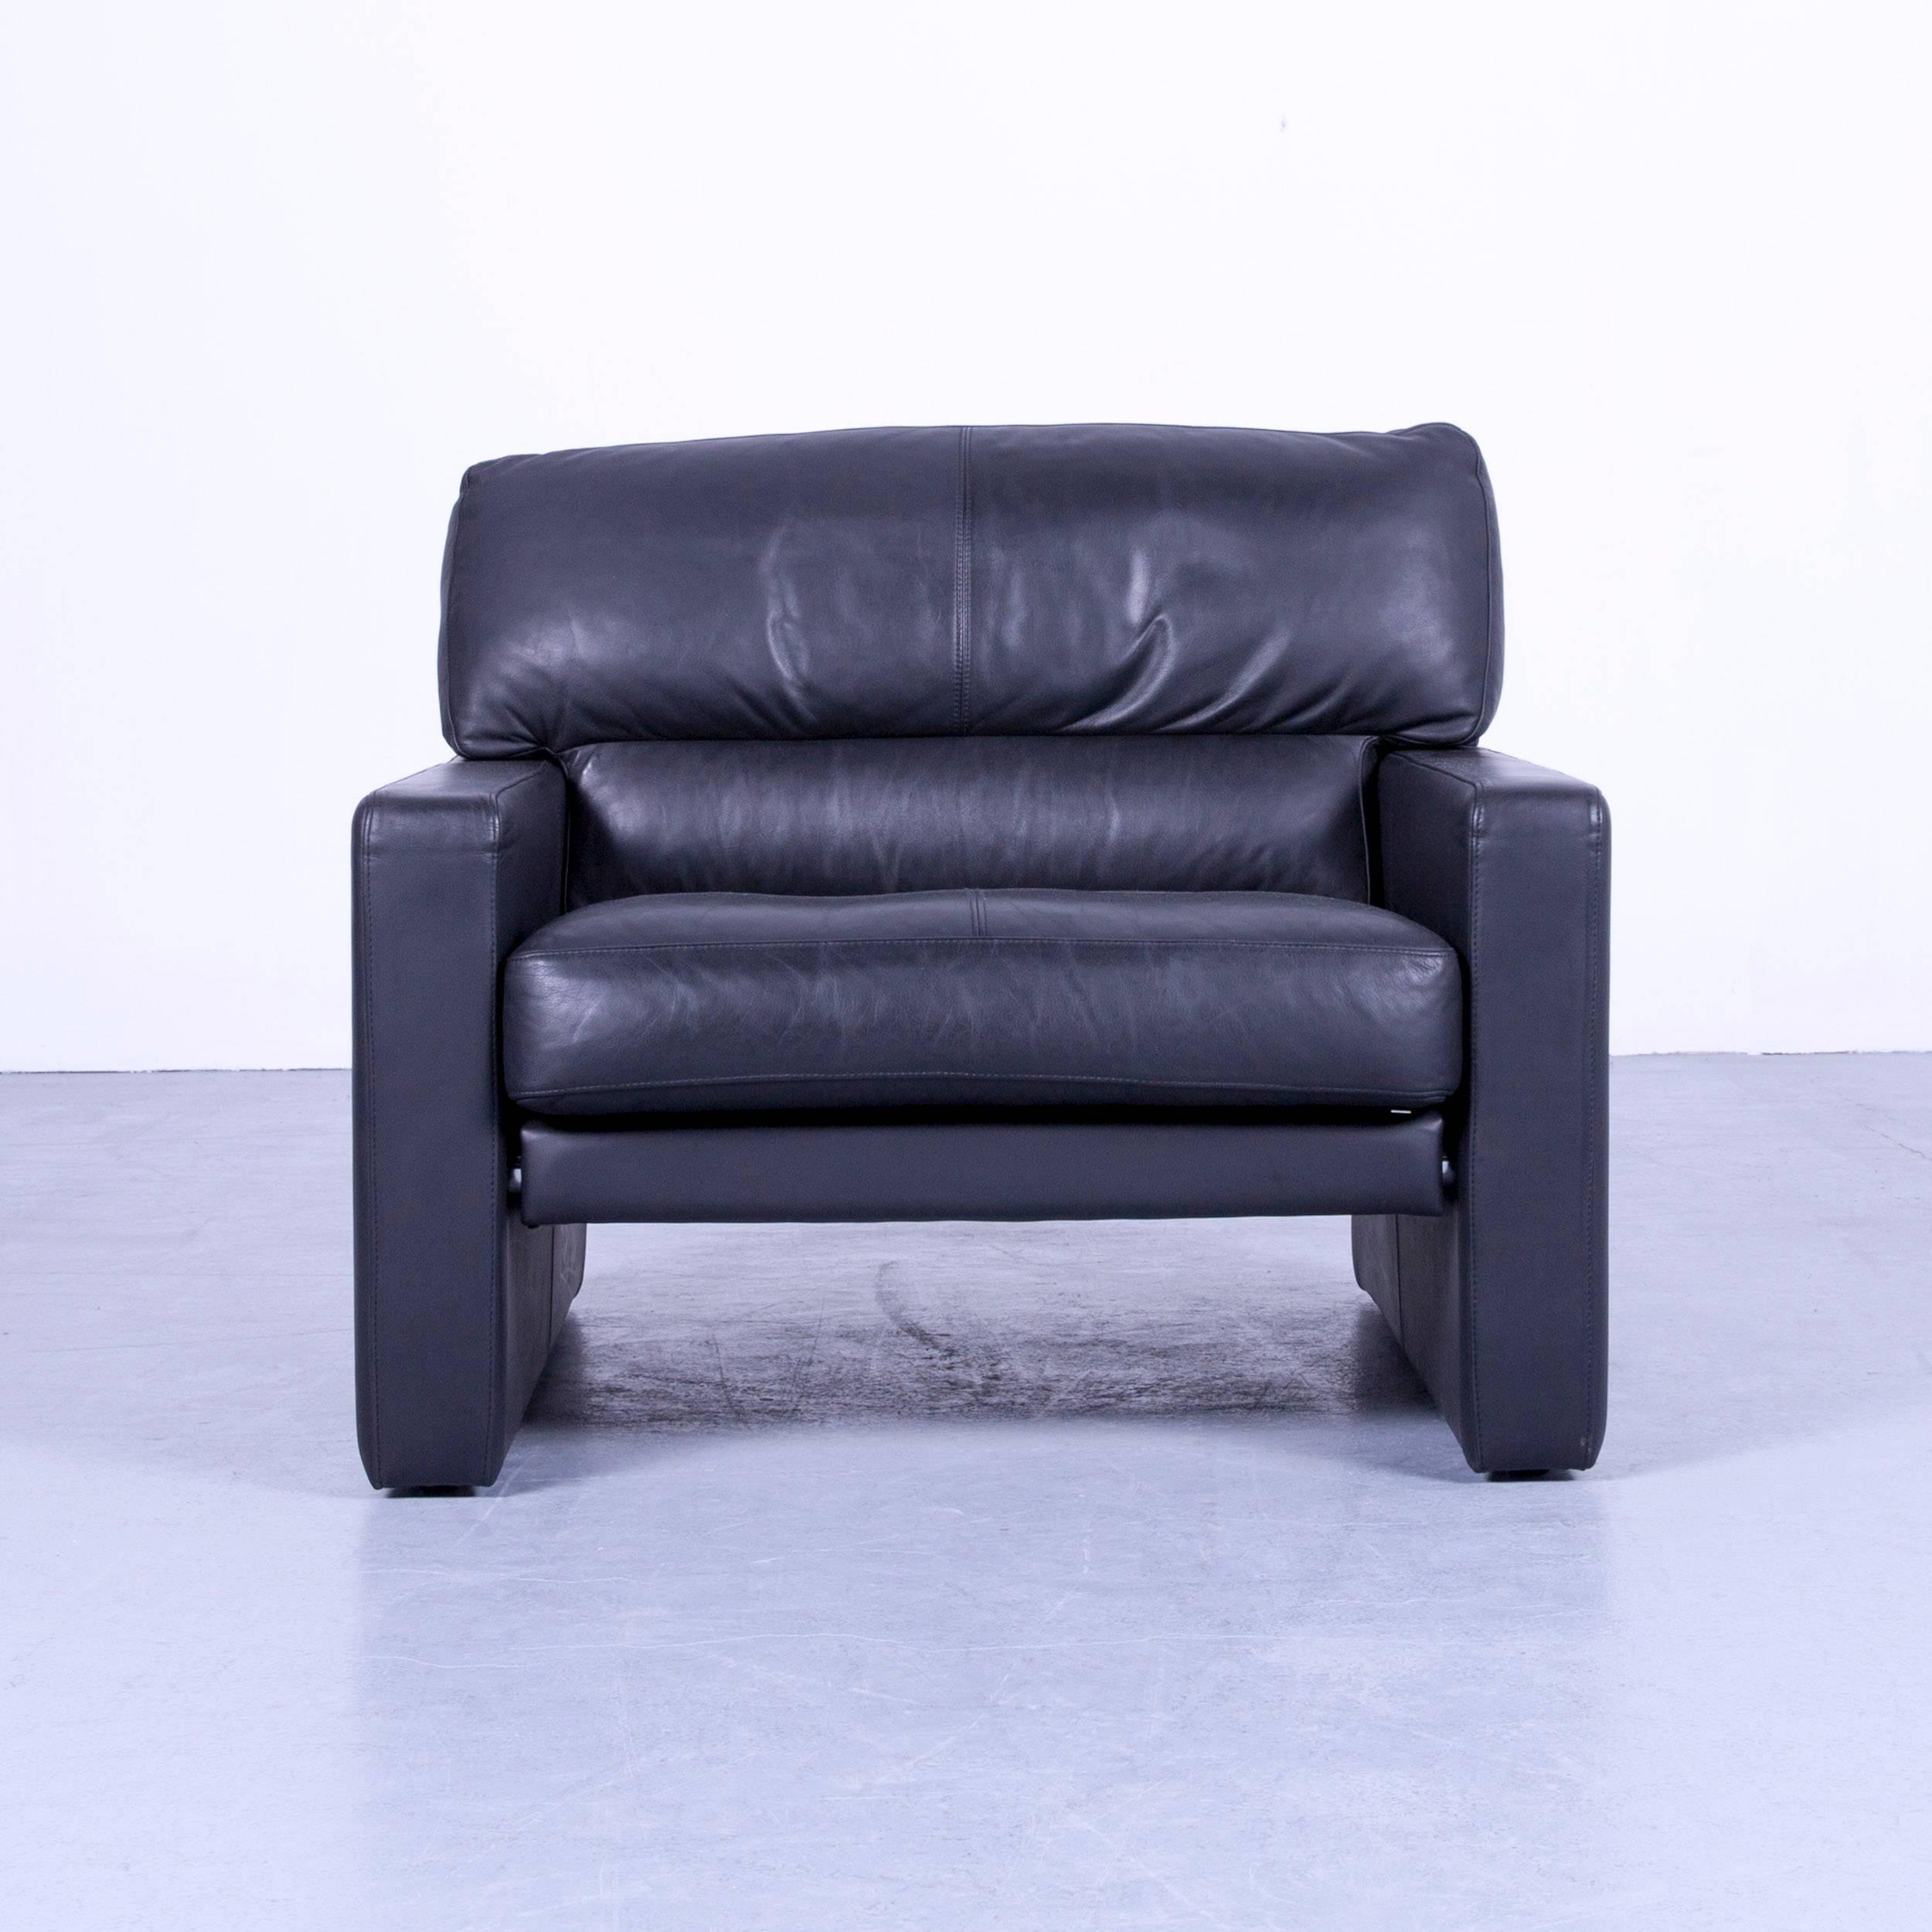 WK Wohnen Designer Armchair Leather Black Couch Modern at 1stdibs